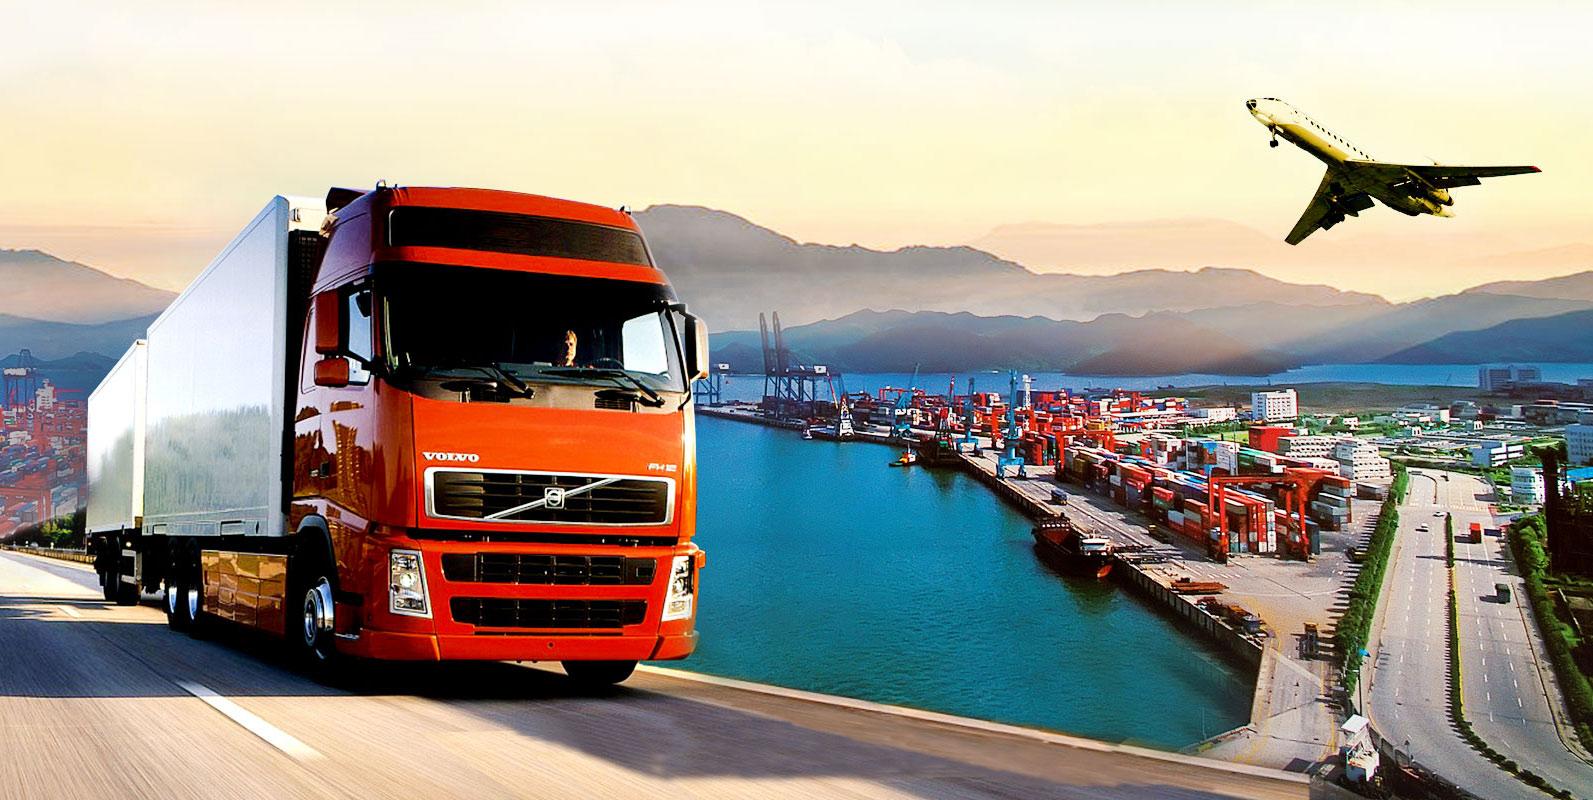 Узнайте больше о транспортной программе Профсоюза для ваших поездок